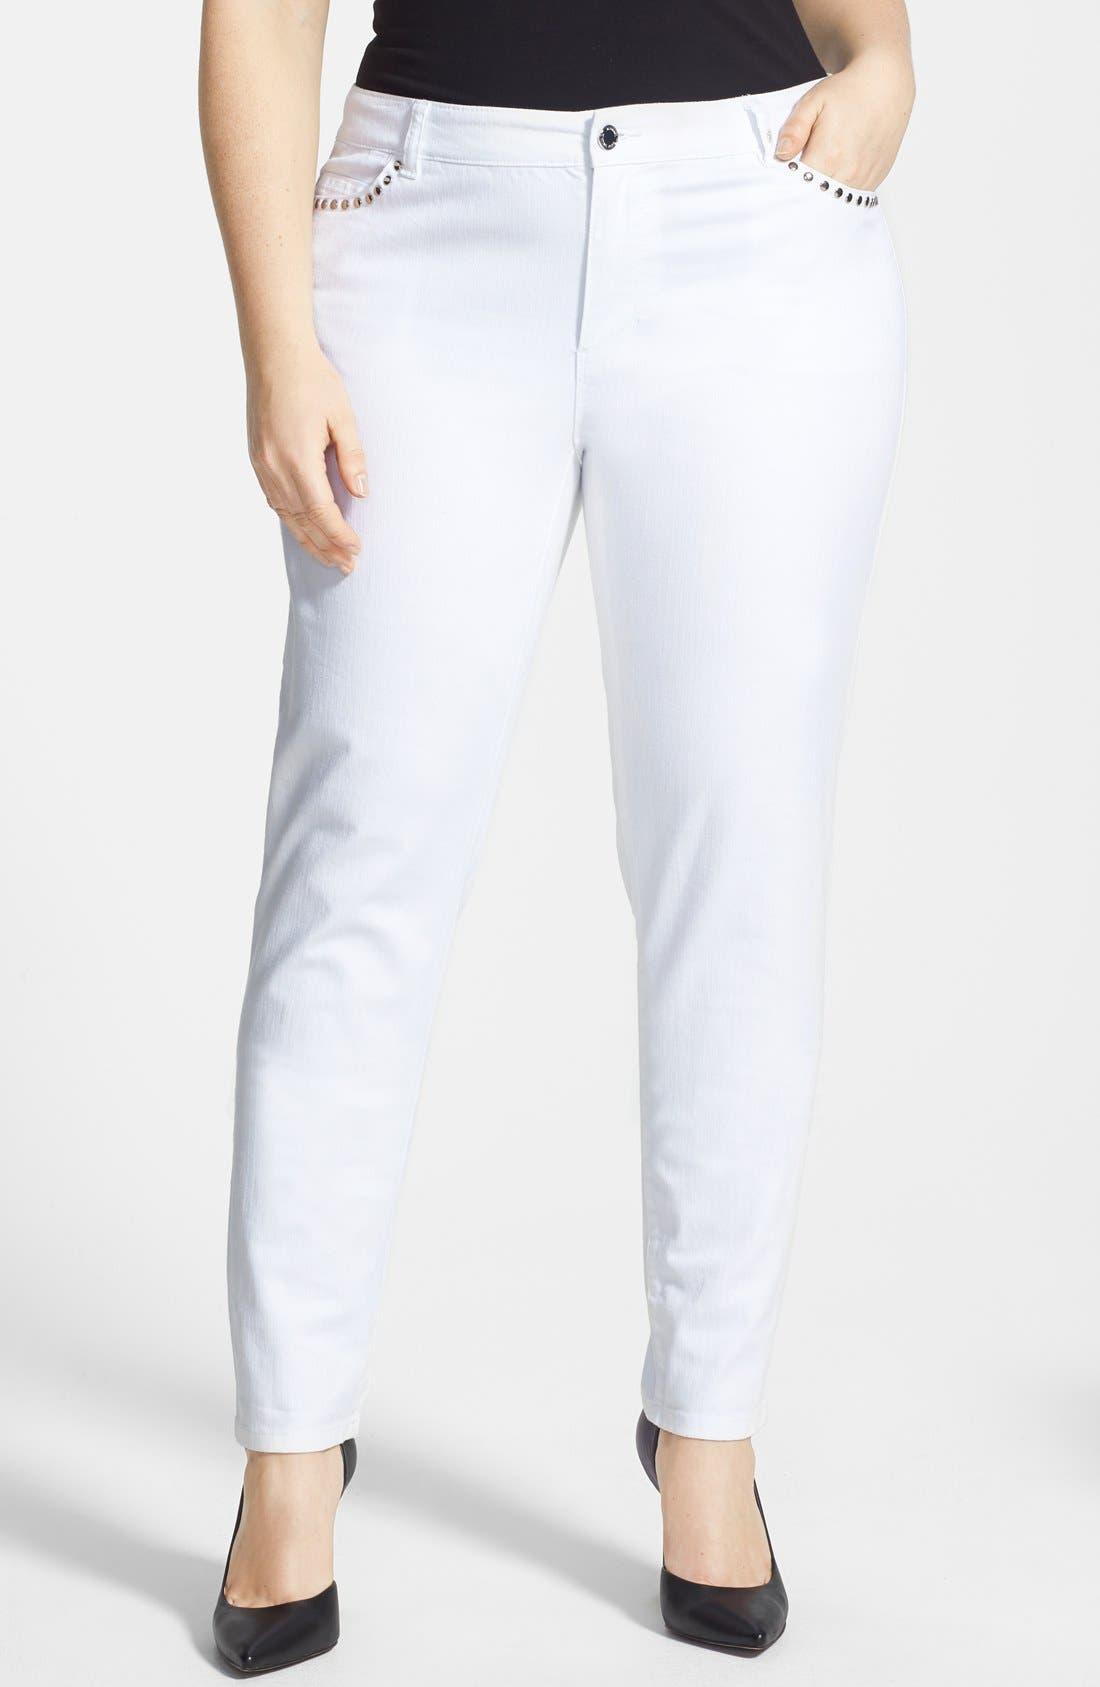 Main Image - MICHAEL Michael Kors Rivet Stud Skinny Jeans (White) (Plus Size)